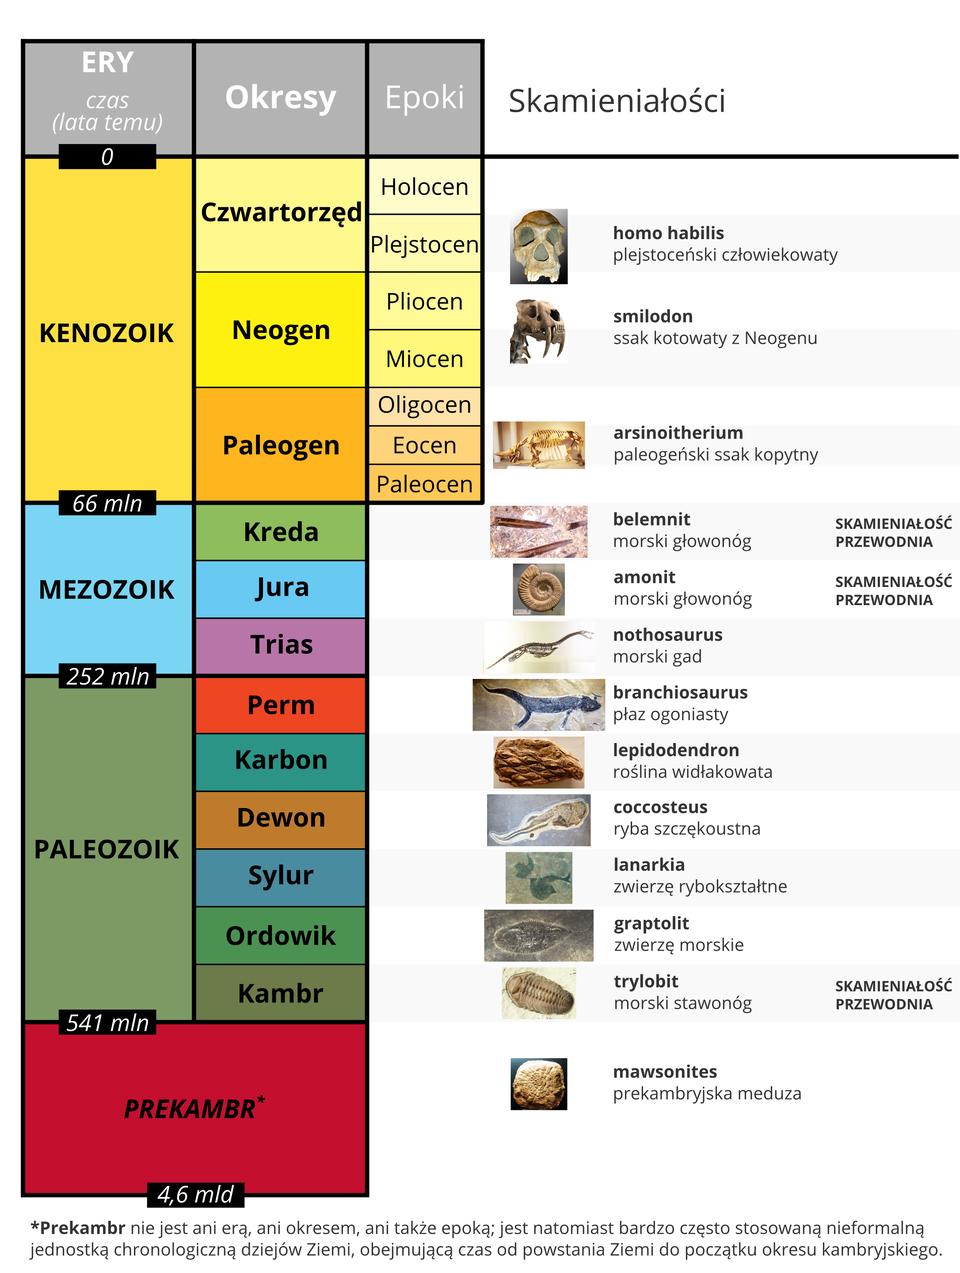 Ważniejsze skamieniałości wdziejach Ziemi